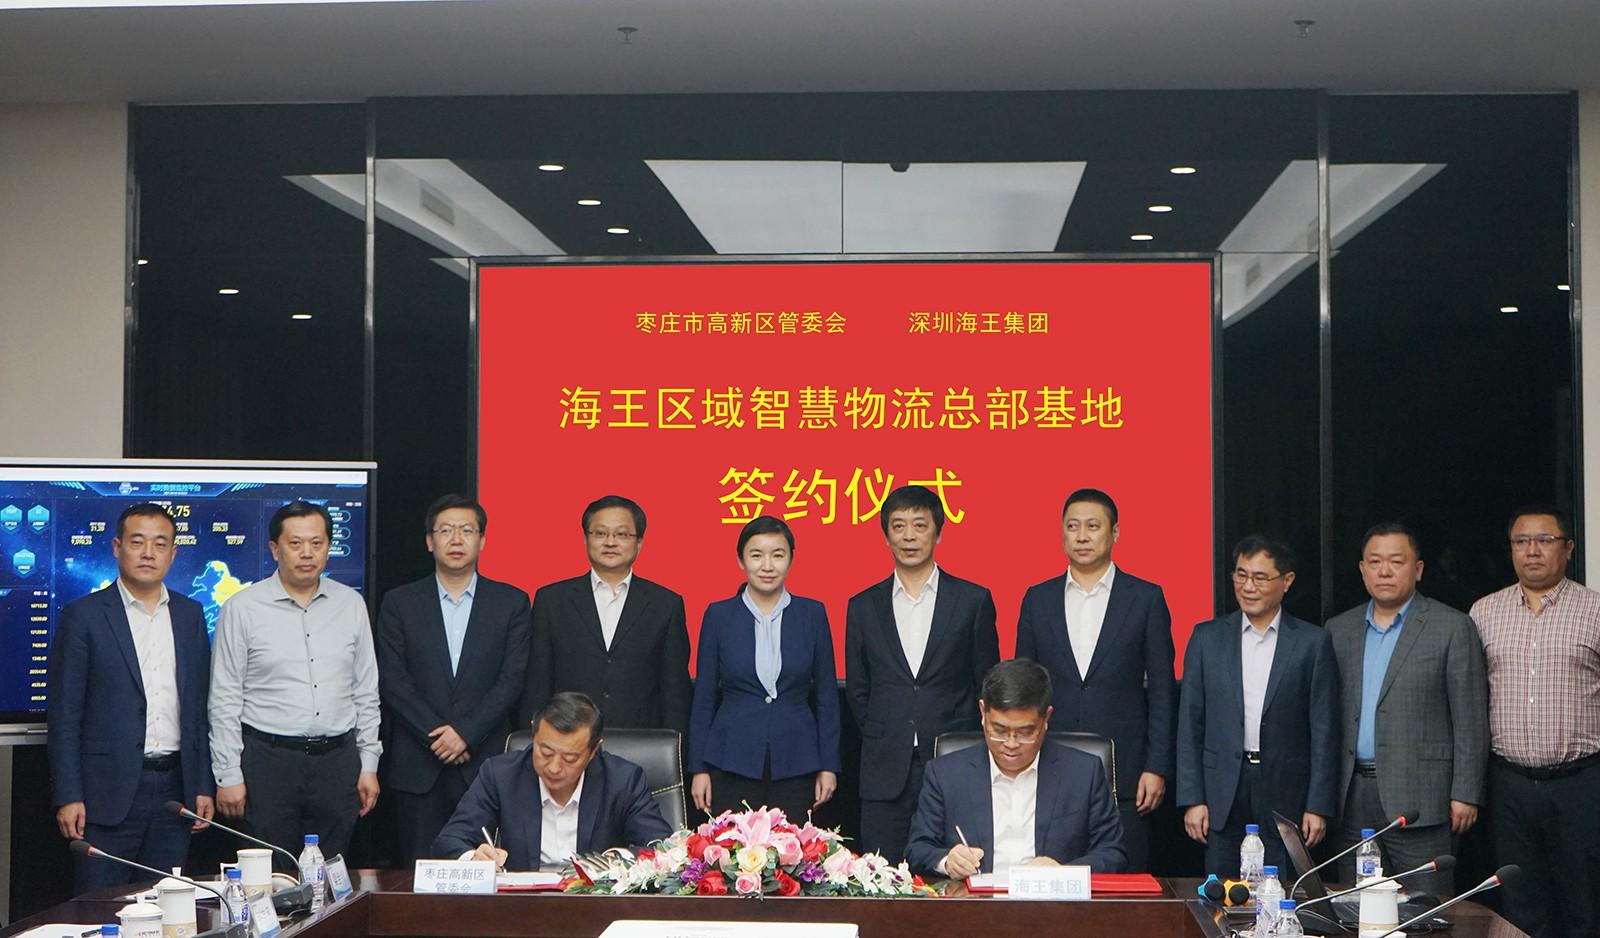 海王集团与山东枣庄高新技术产业开发区管委会签订战略合作协议